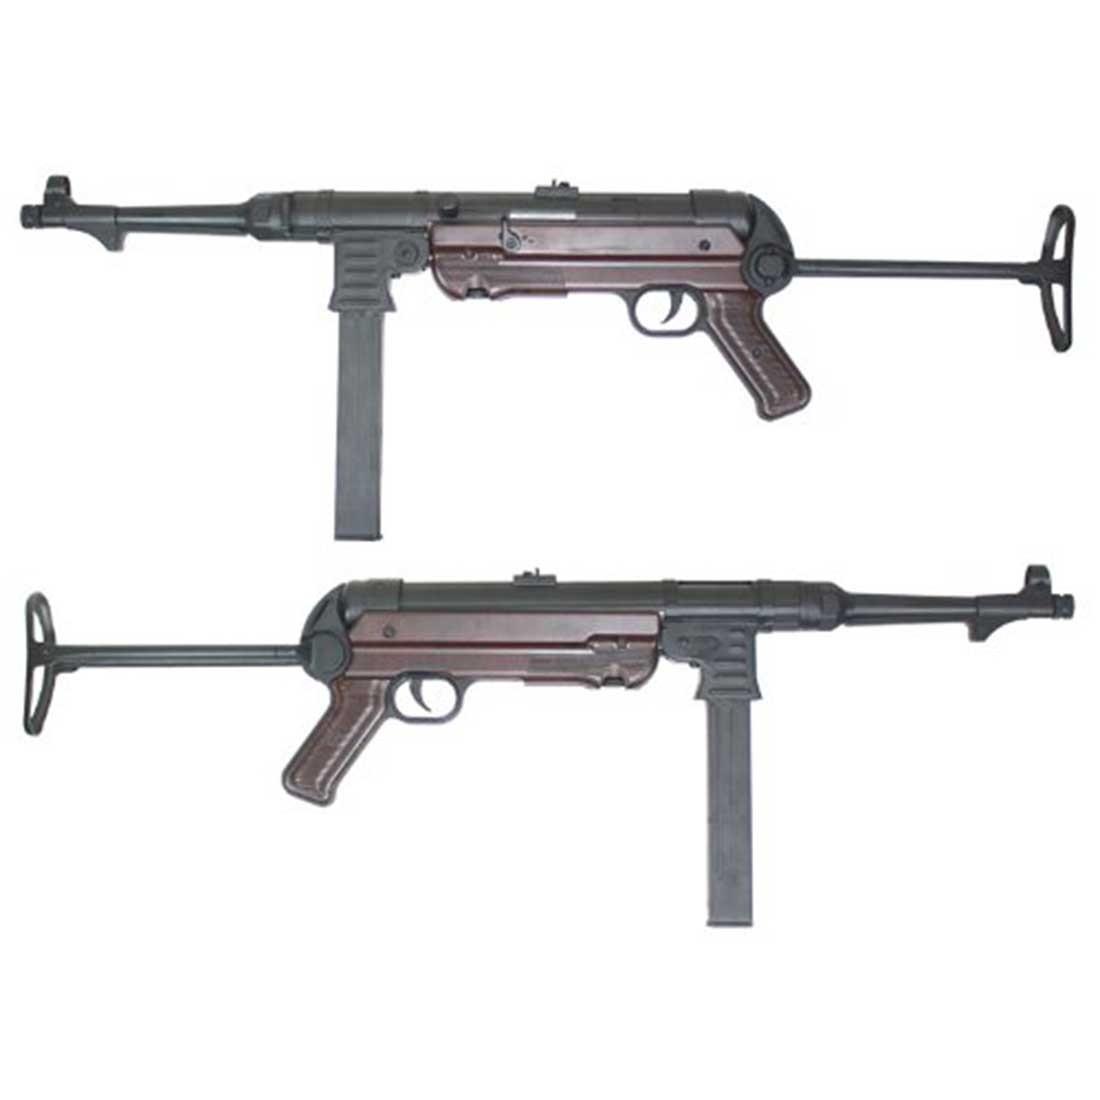 AGM MP40 AEG Bakelite Look Furniture Airsoft Submachinegun